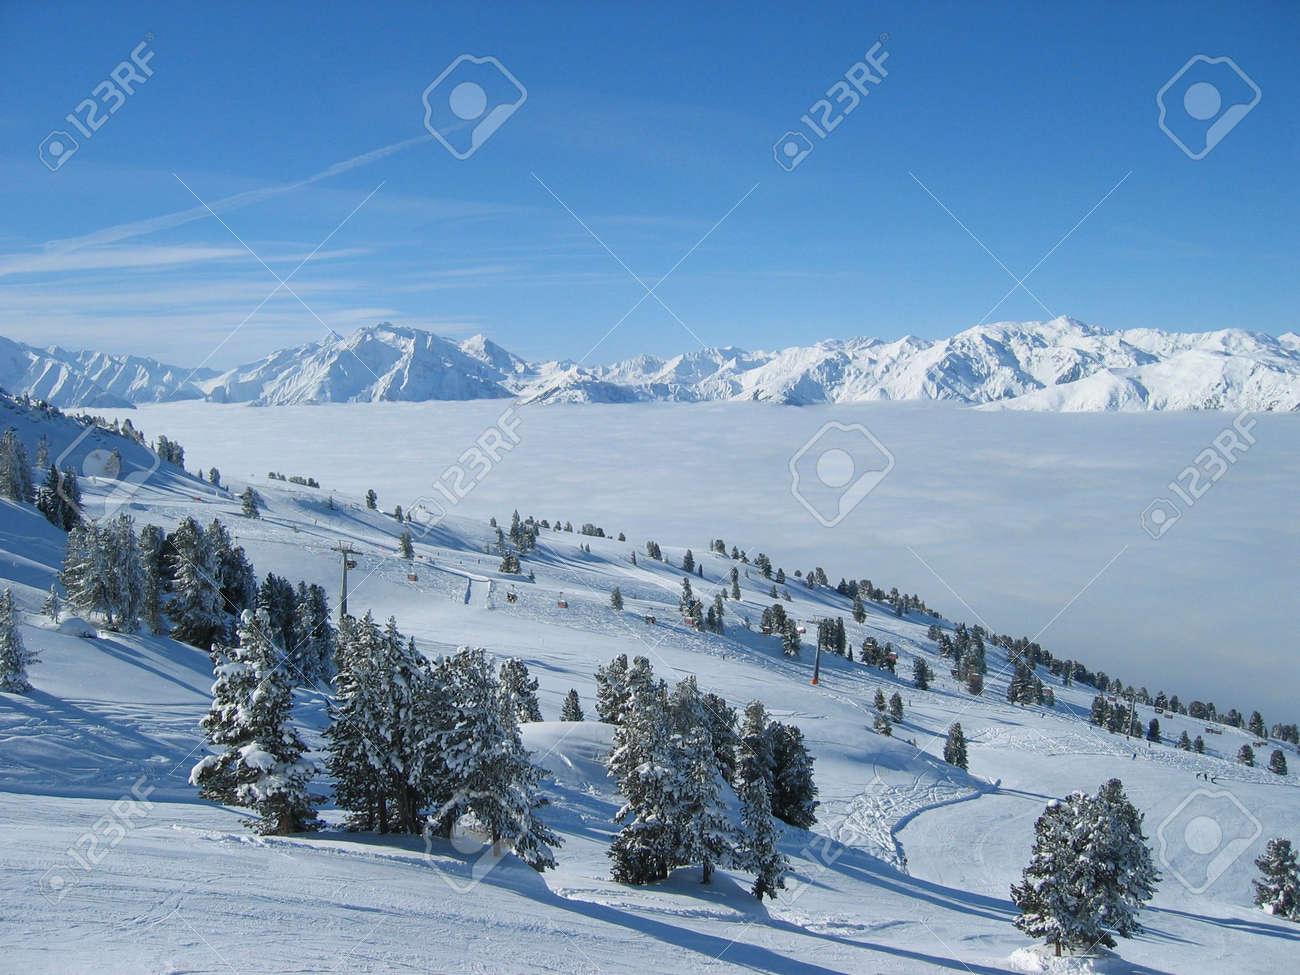 Winter Snow Scenery Stock Photo - 3367559